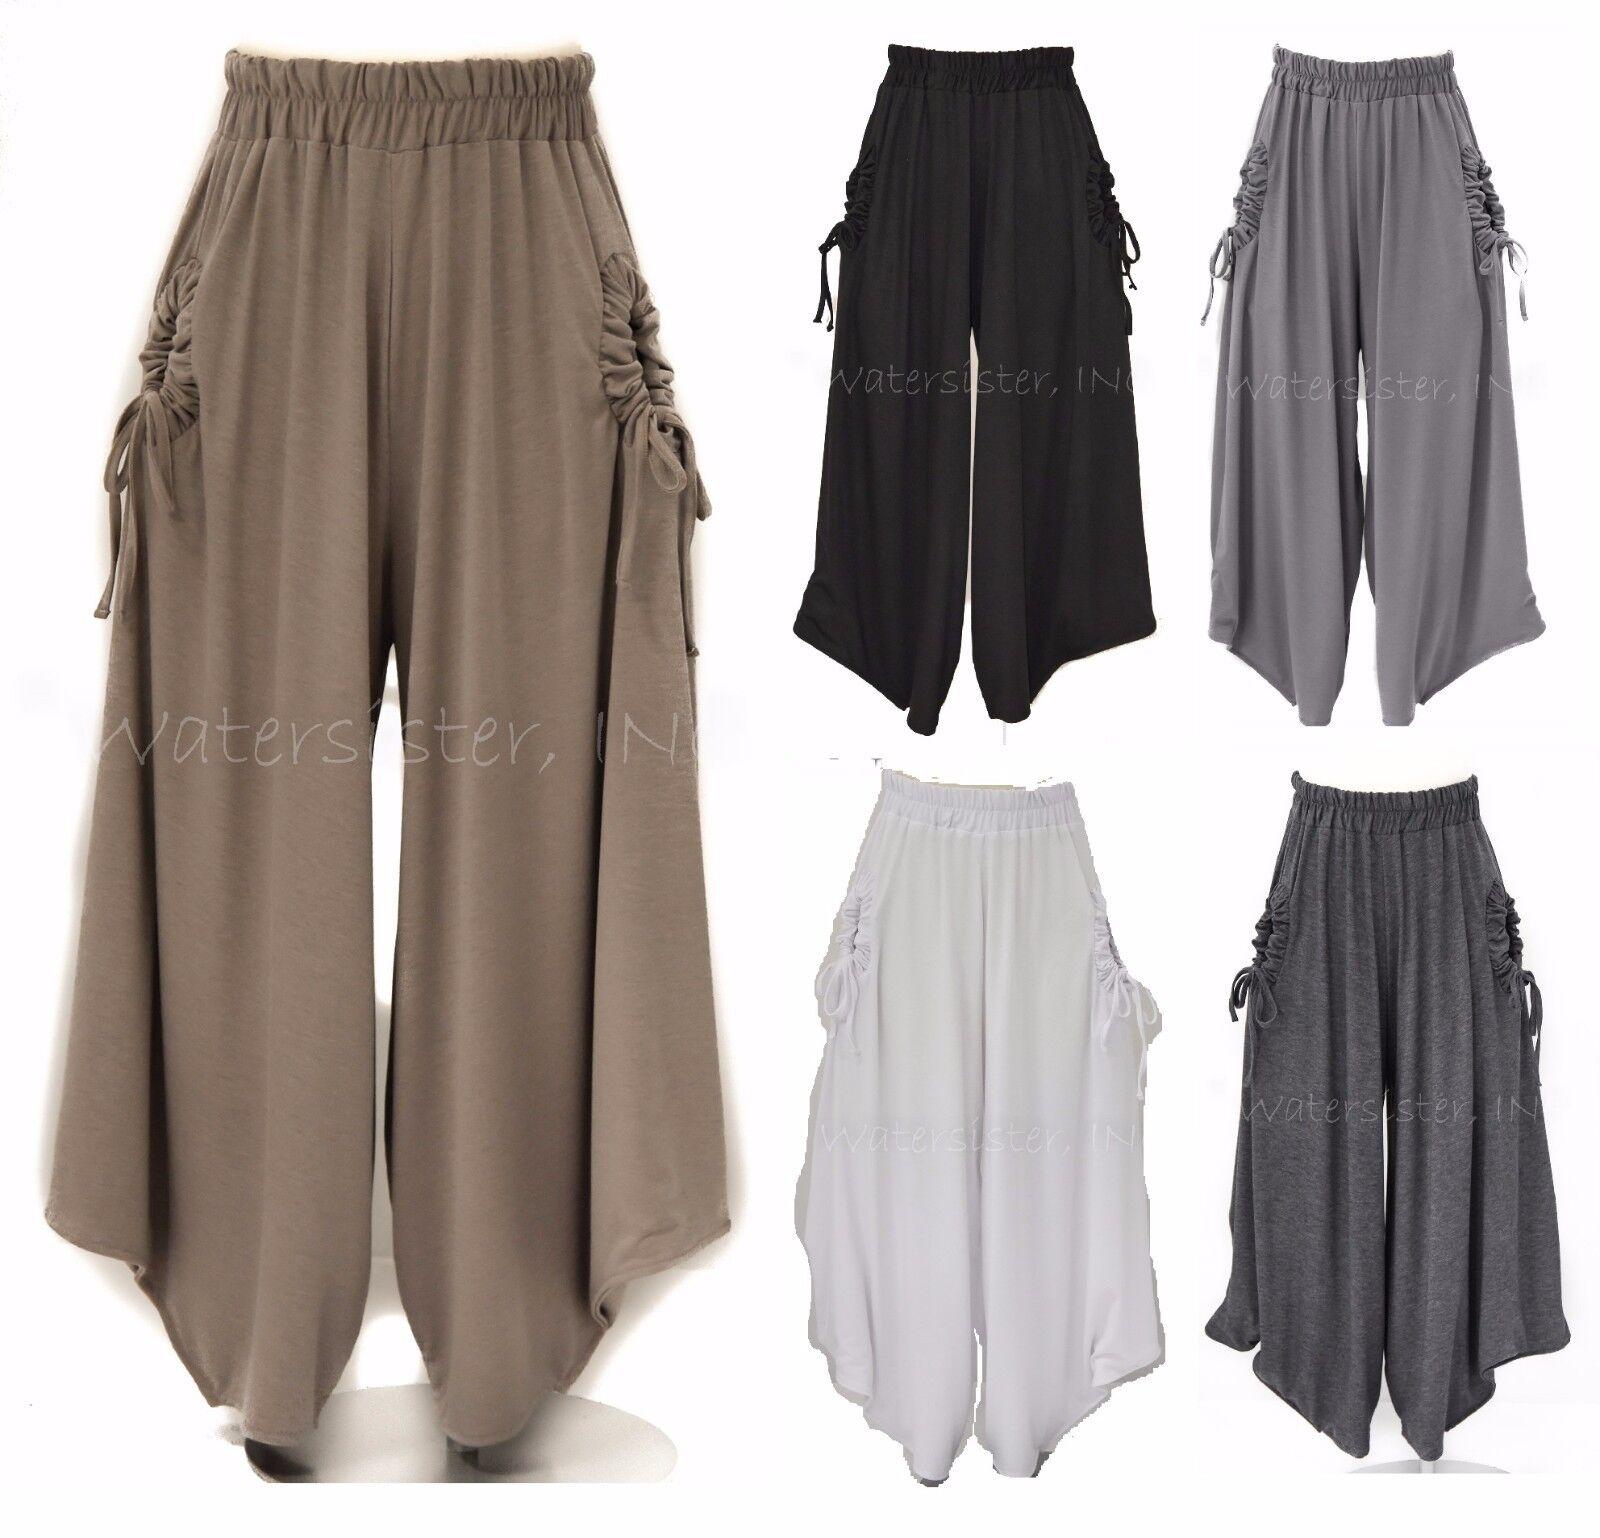 Sí Suave Jersey Kula  Pantalón De Pierna Ancha Harem dobladillo Pantalones de cultivo Plus 2x 3x 5 Colors  seguro de calidad